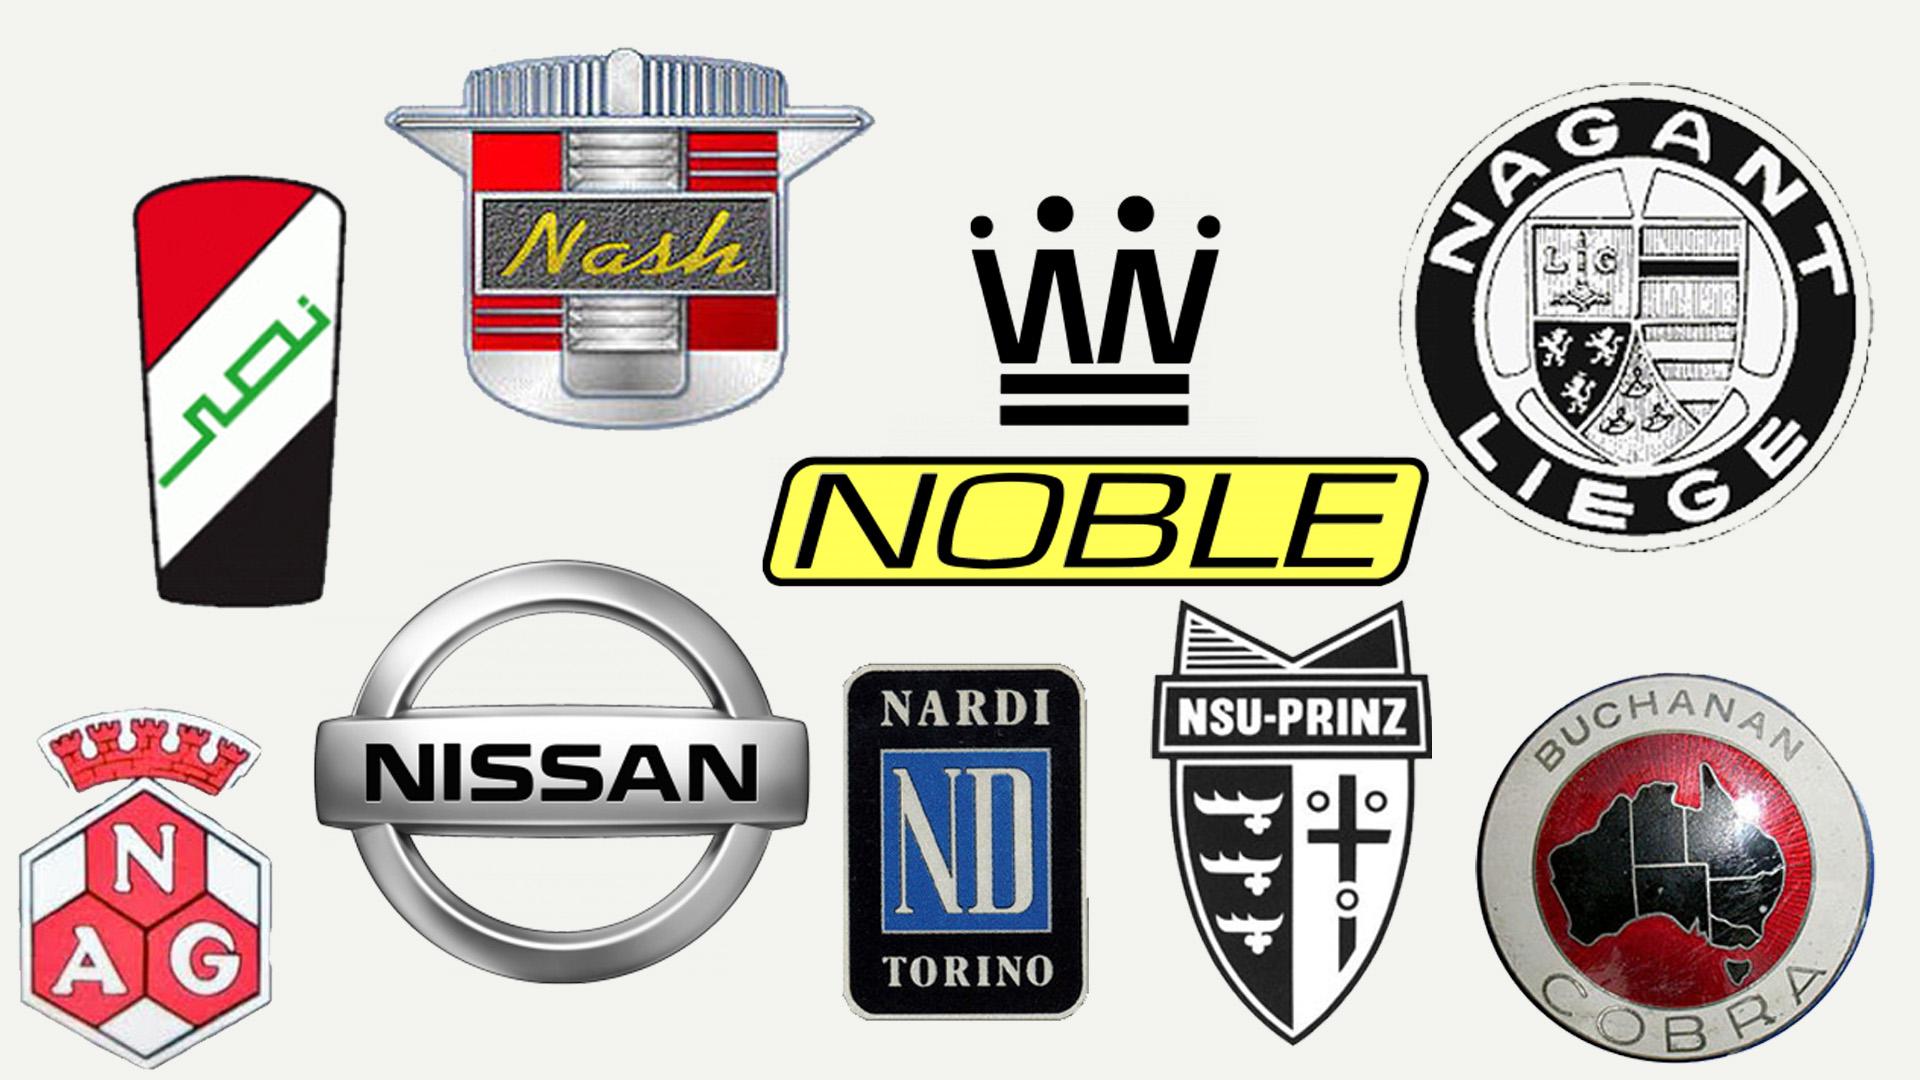 marques de voiture marque de voiture toutes les marques de voitures image gallery logo marque. Black Bedroom Furniture Sets. Home Design Ideas